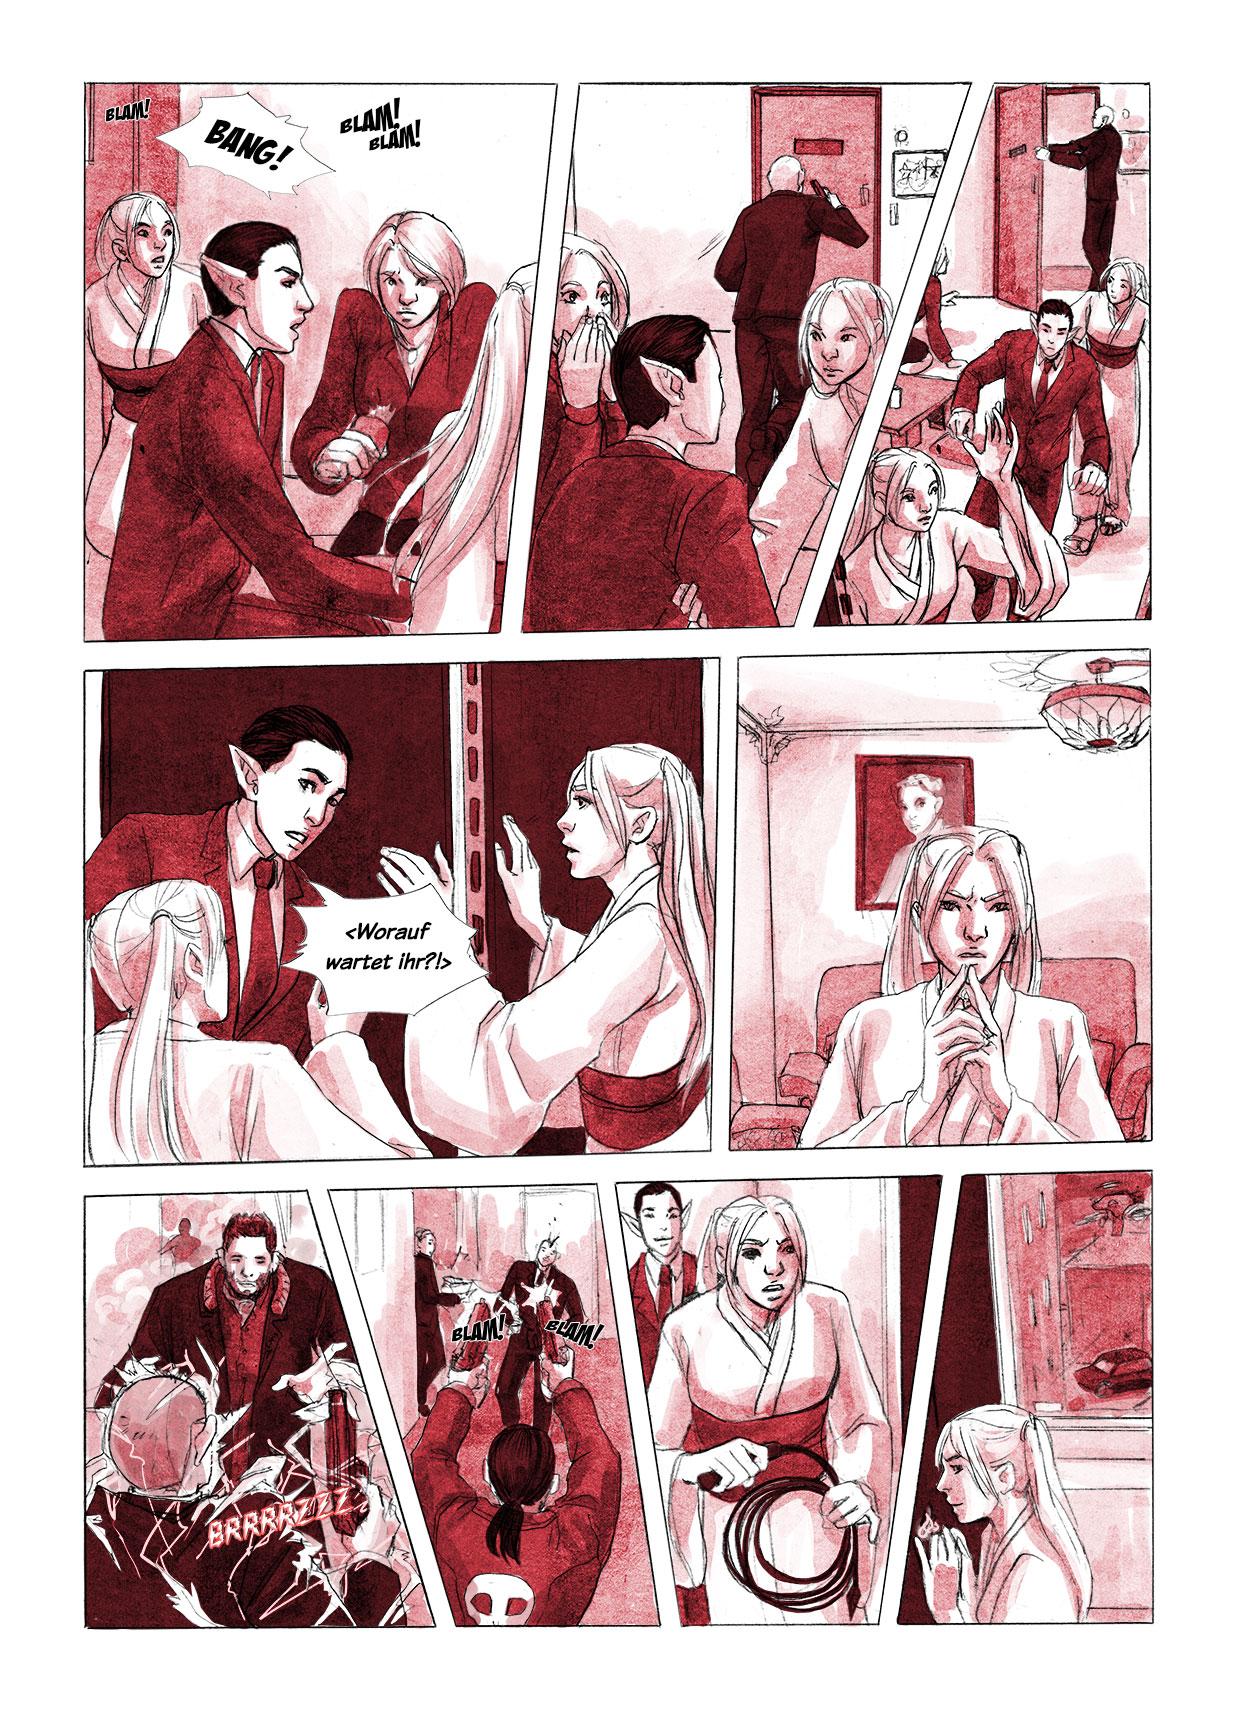 Buch 01, Spezial 02 – Seite 39